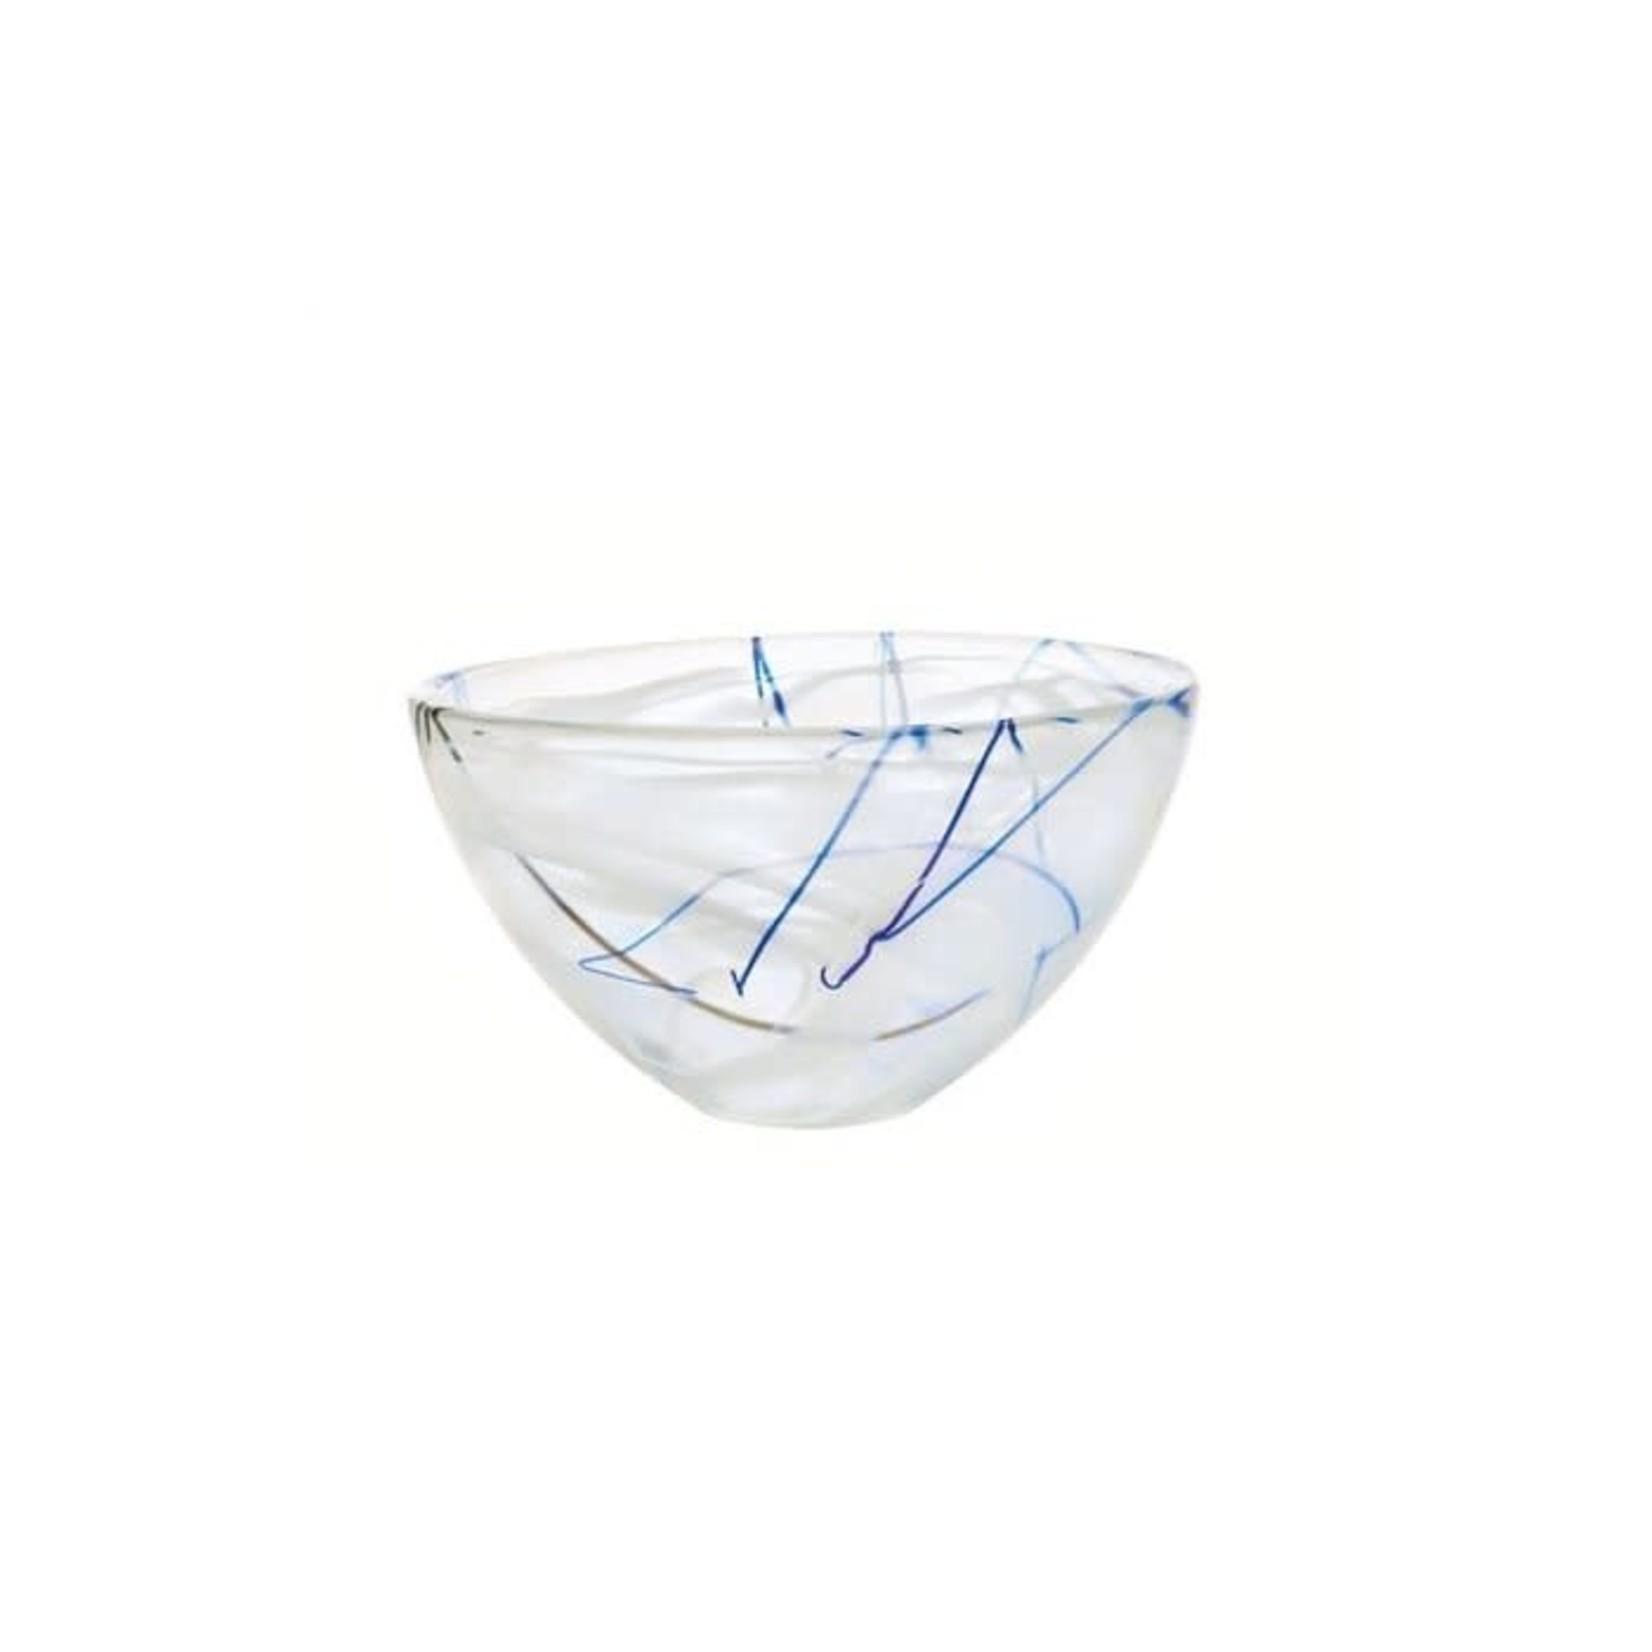 7050611 Contrast Med White Bowl